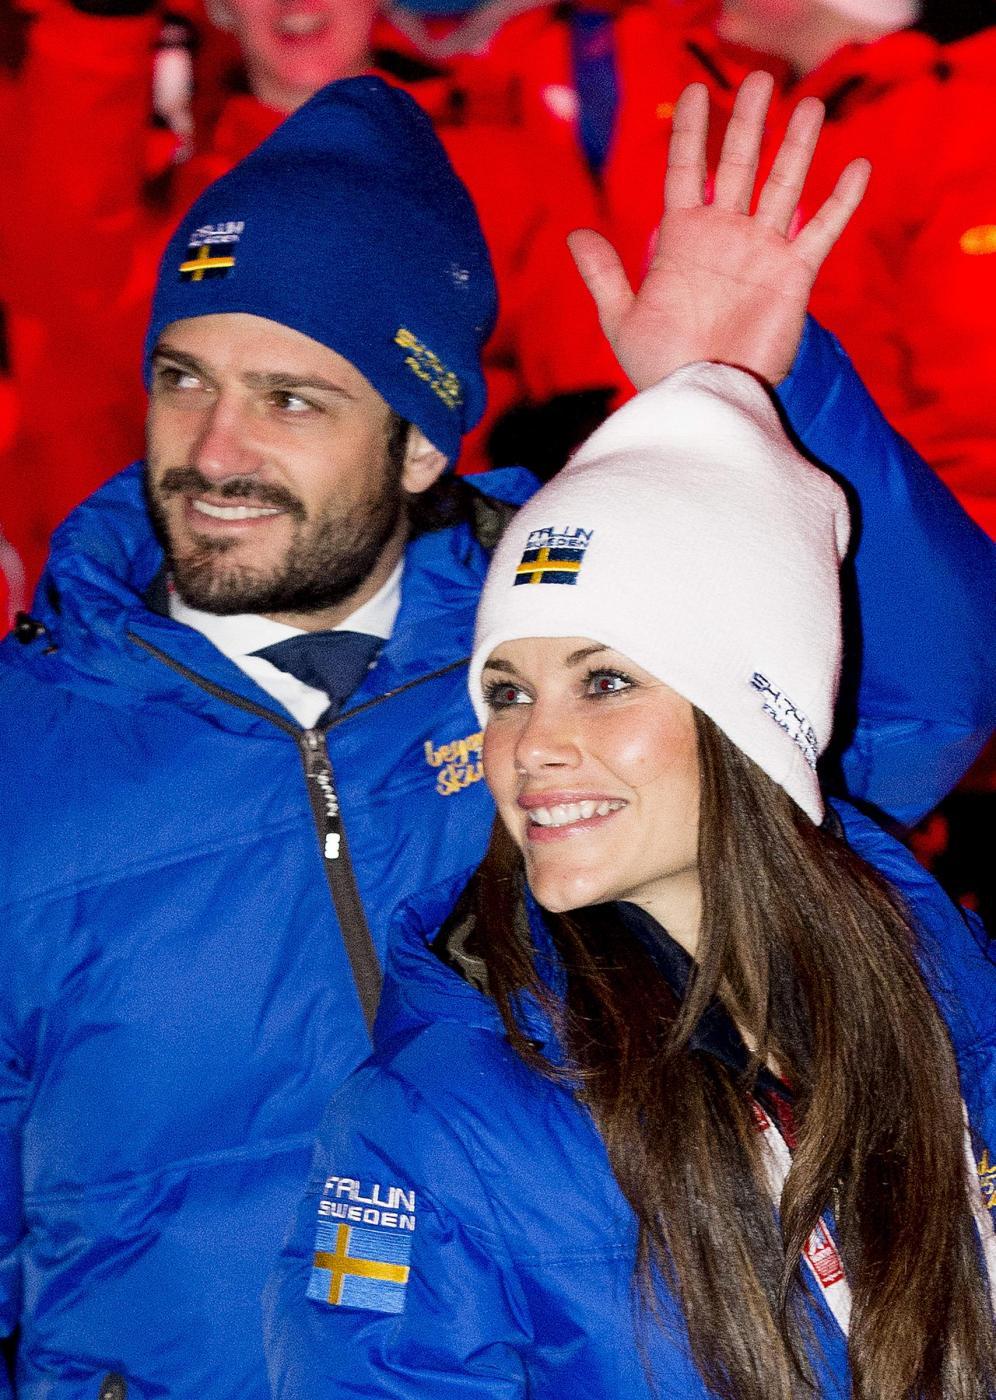 Sofia Hellqvist: chi è la donna che sposa Carlo Filippo di Svezia FOTO 11